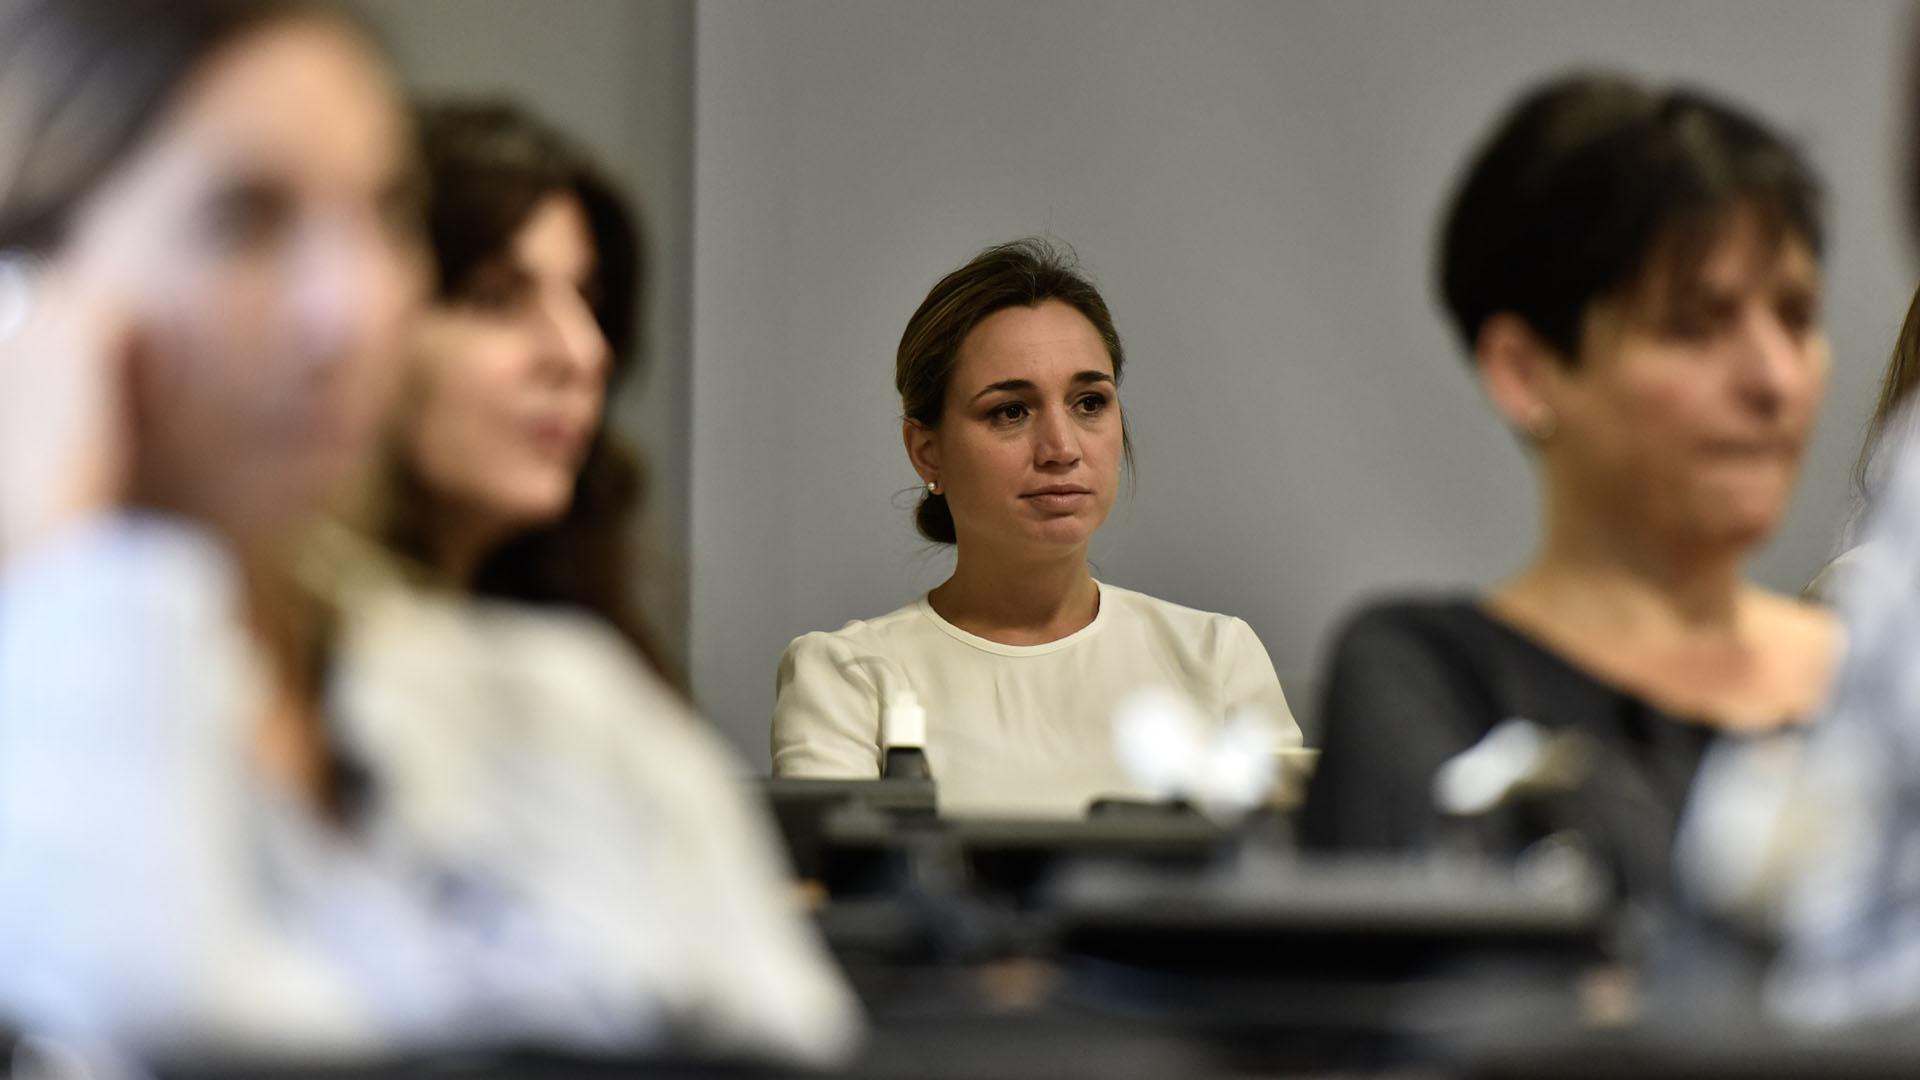 Fue la primera charla que se ofreció en el marco del acuerdo entre Digital House y UPWARD Argentina para potenciar la inclusión digital de las mujeres (Adrián Escandar)